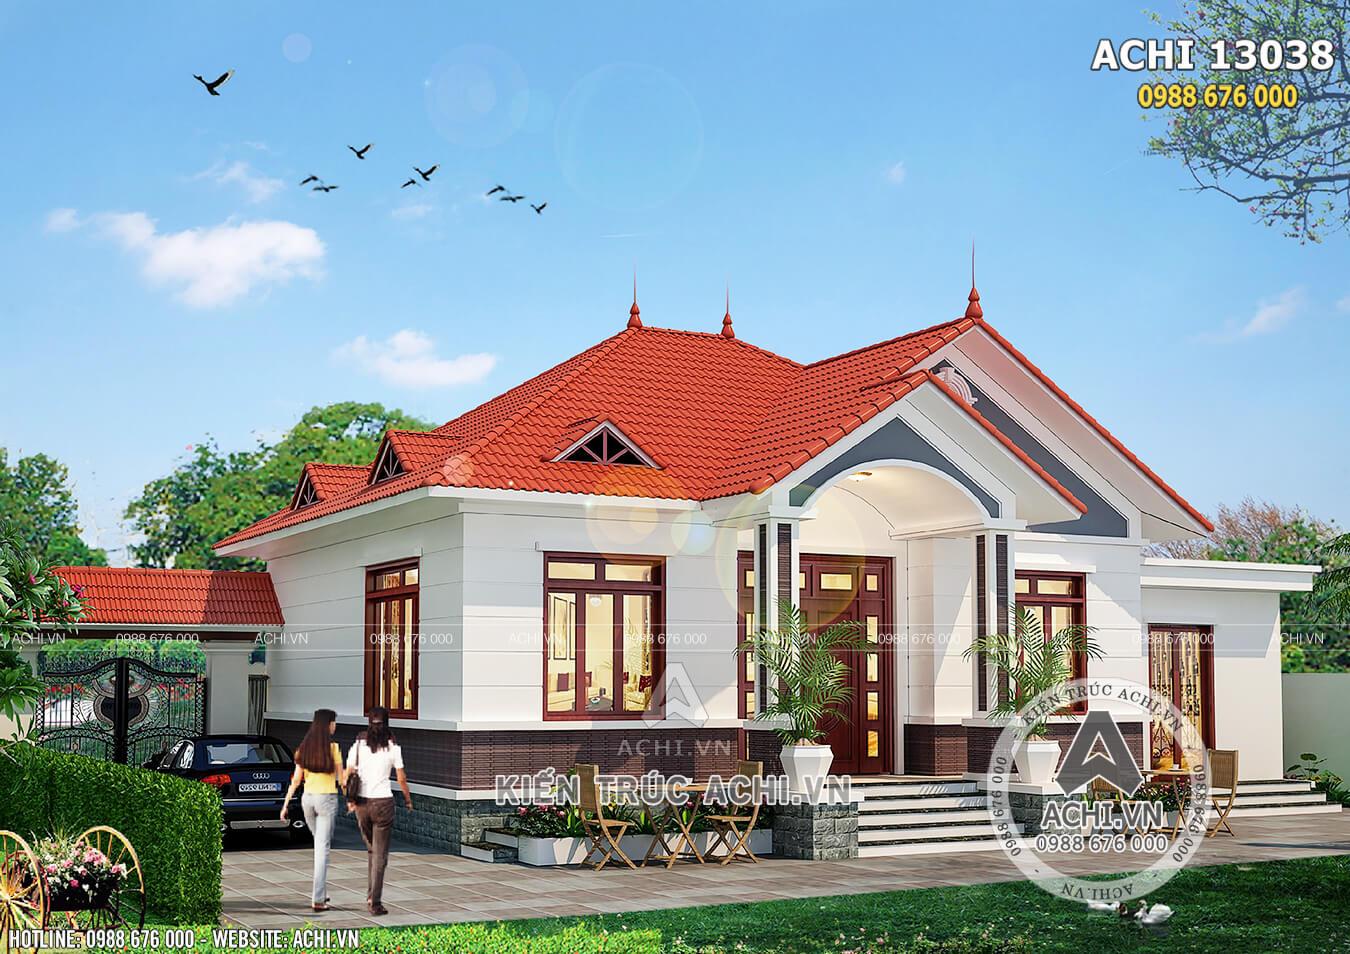 Phối cảnh 3D mẫu nhà 1 tầng mái ngói đỏ 3 phòng ngủ